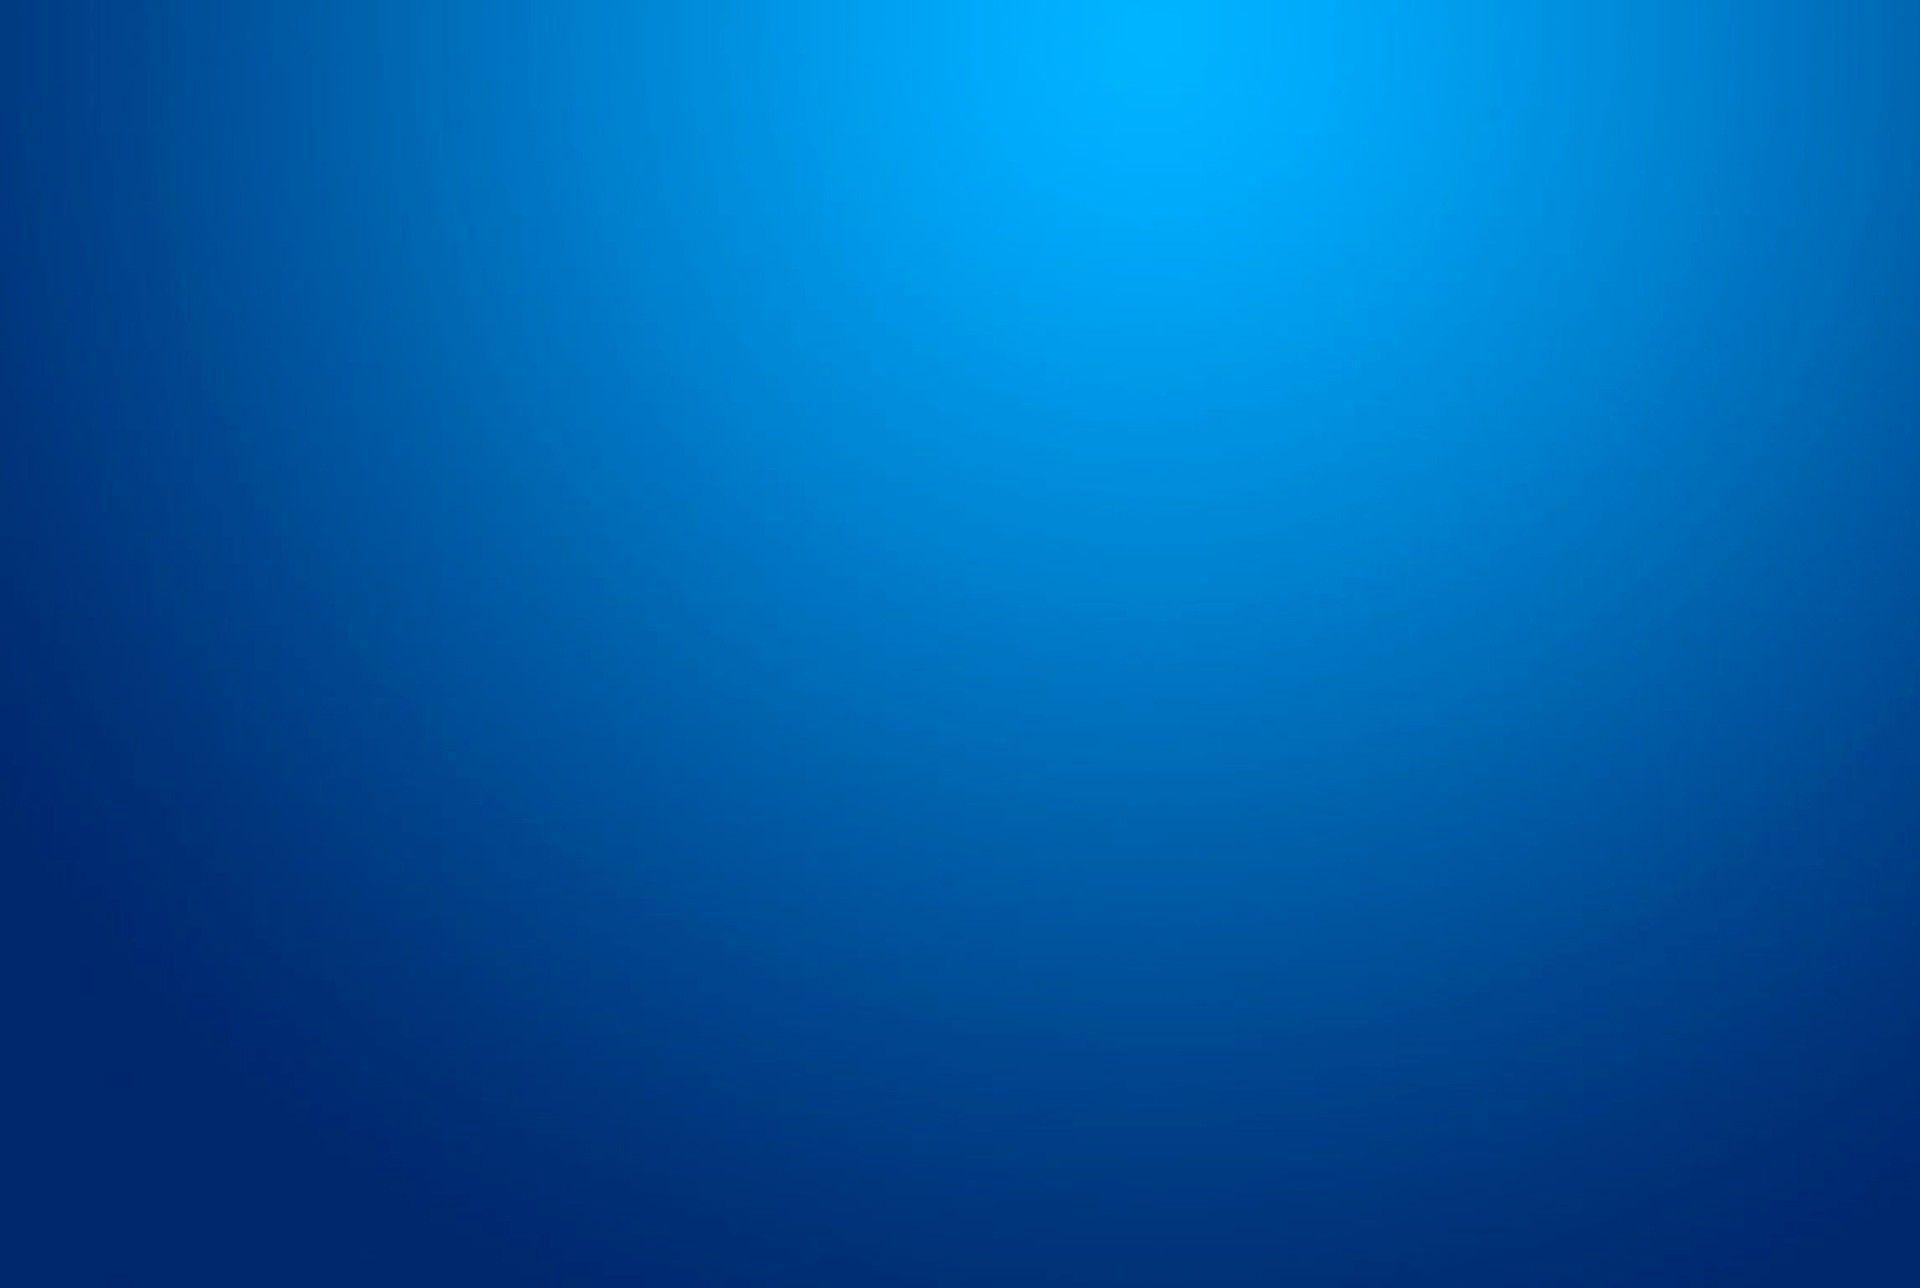 1920x1288 Blue Plain hình nền